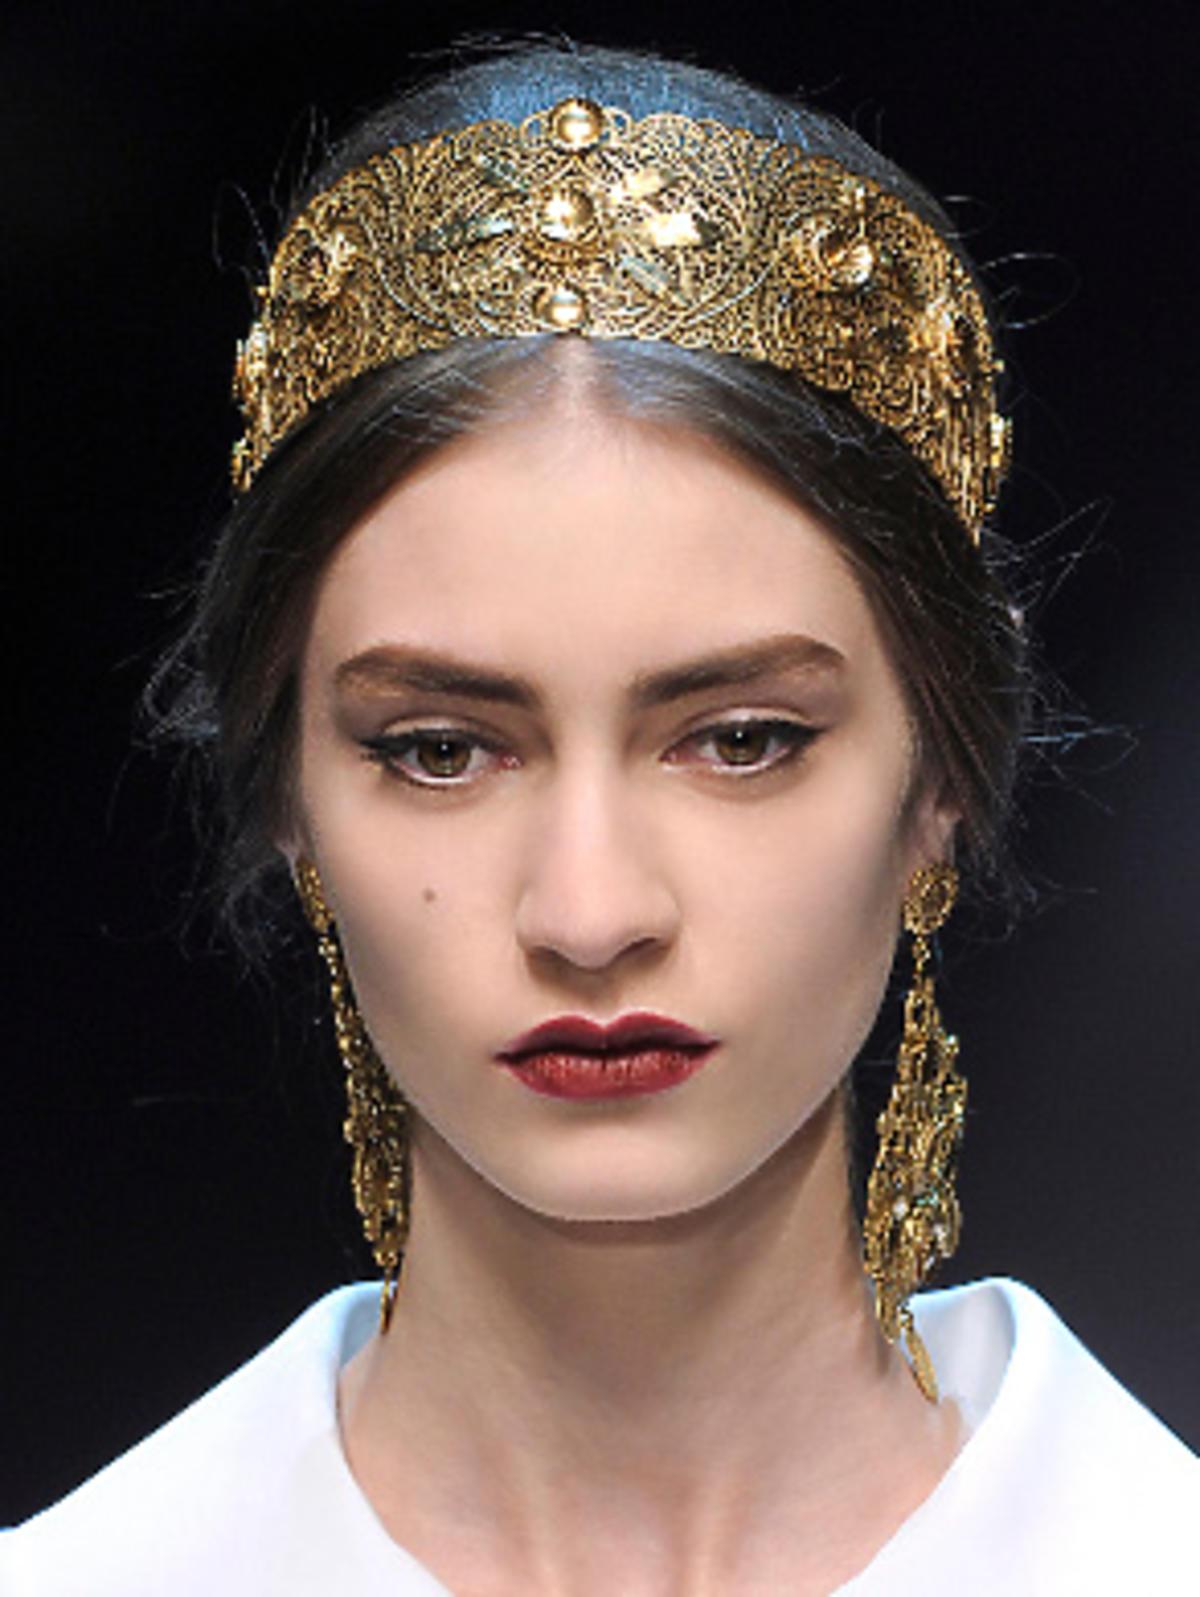 Dolce&Gabbana - bogato zdobione, biżuteryjne ozdoby XXL